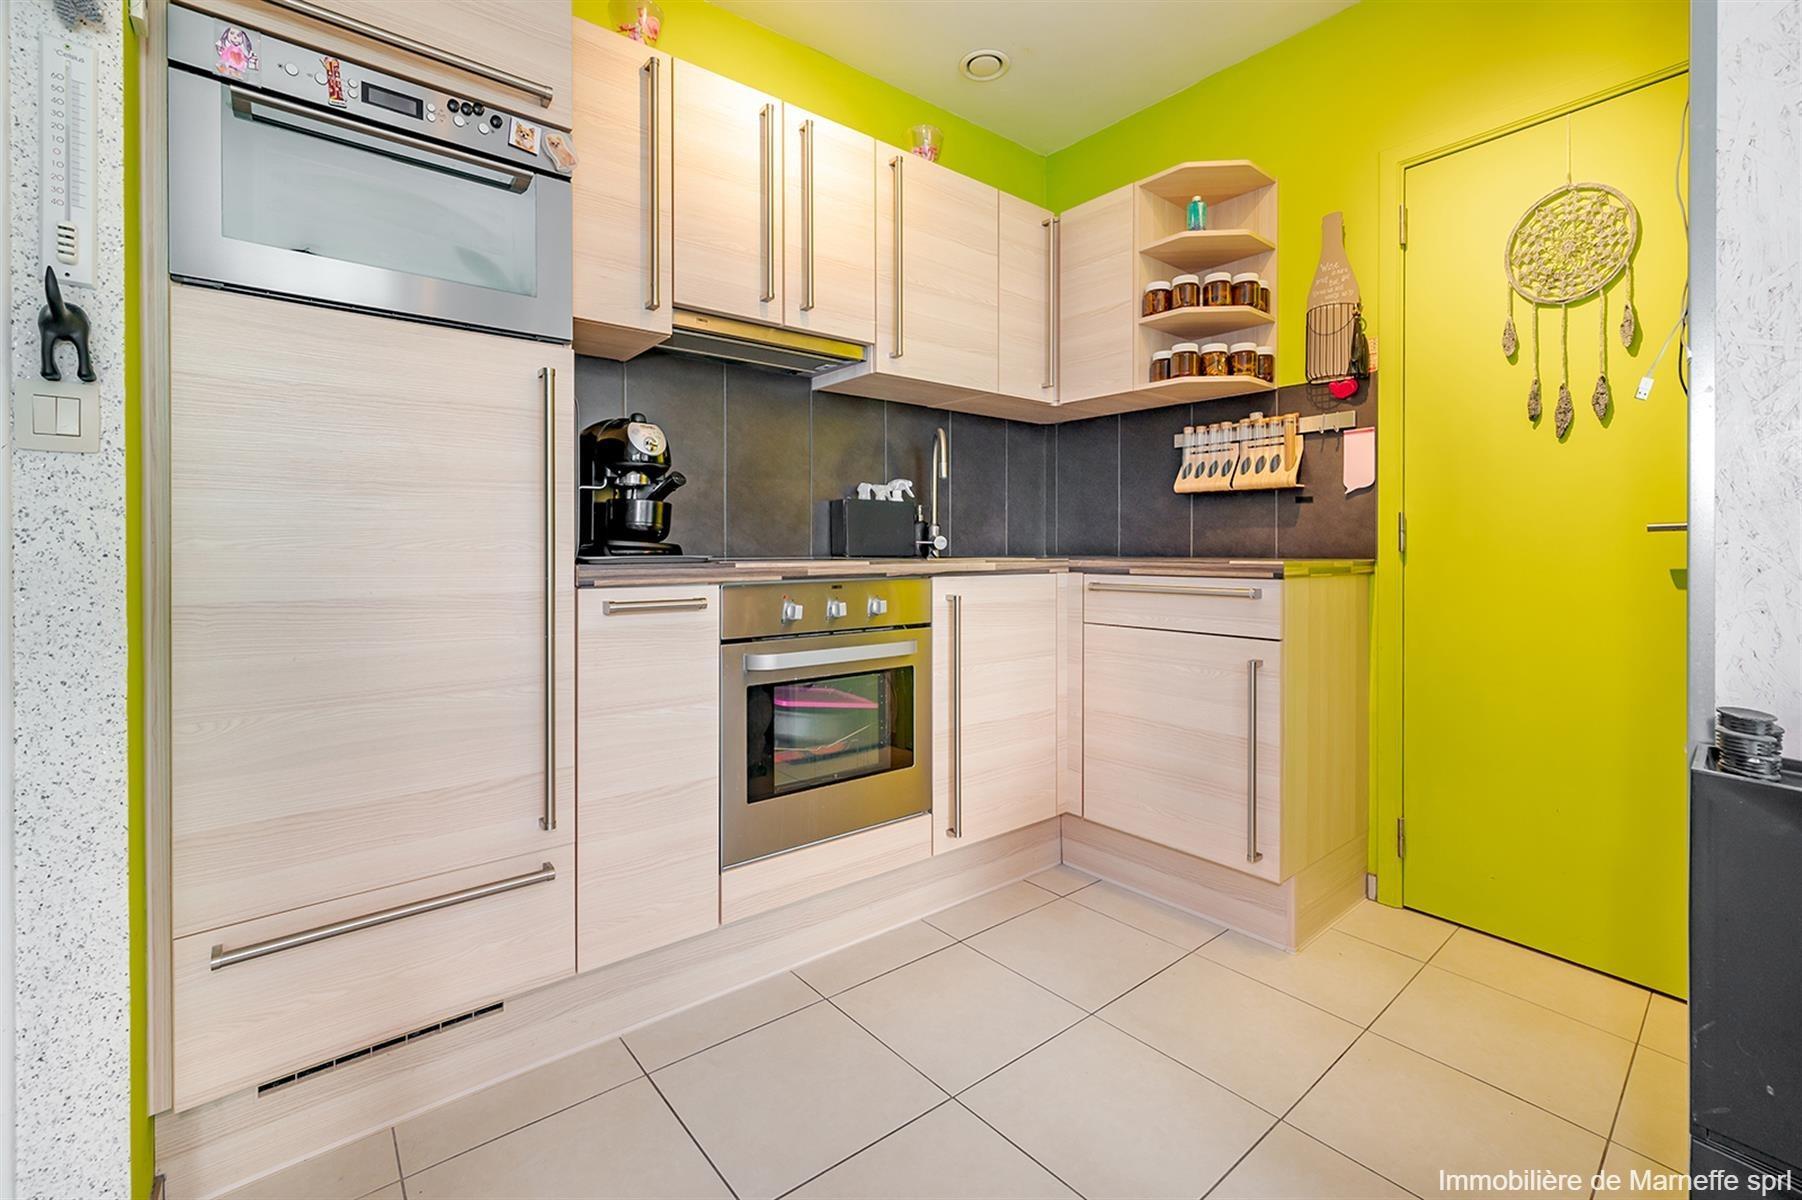 Appartement - Remicourt - #4262622-3